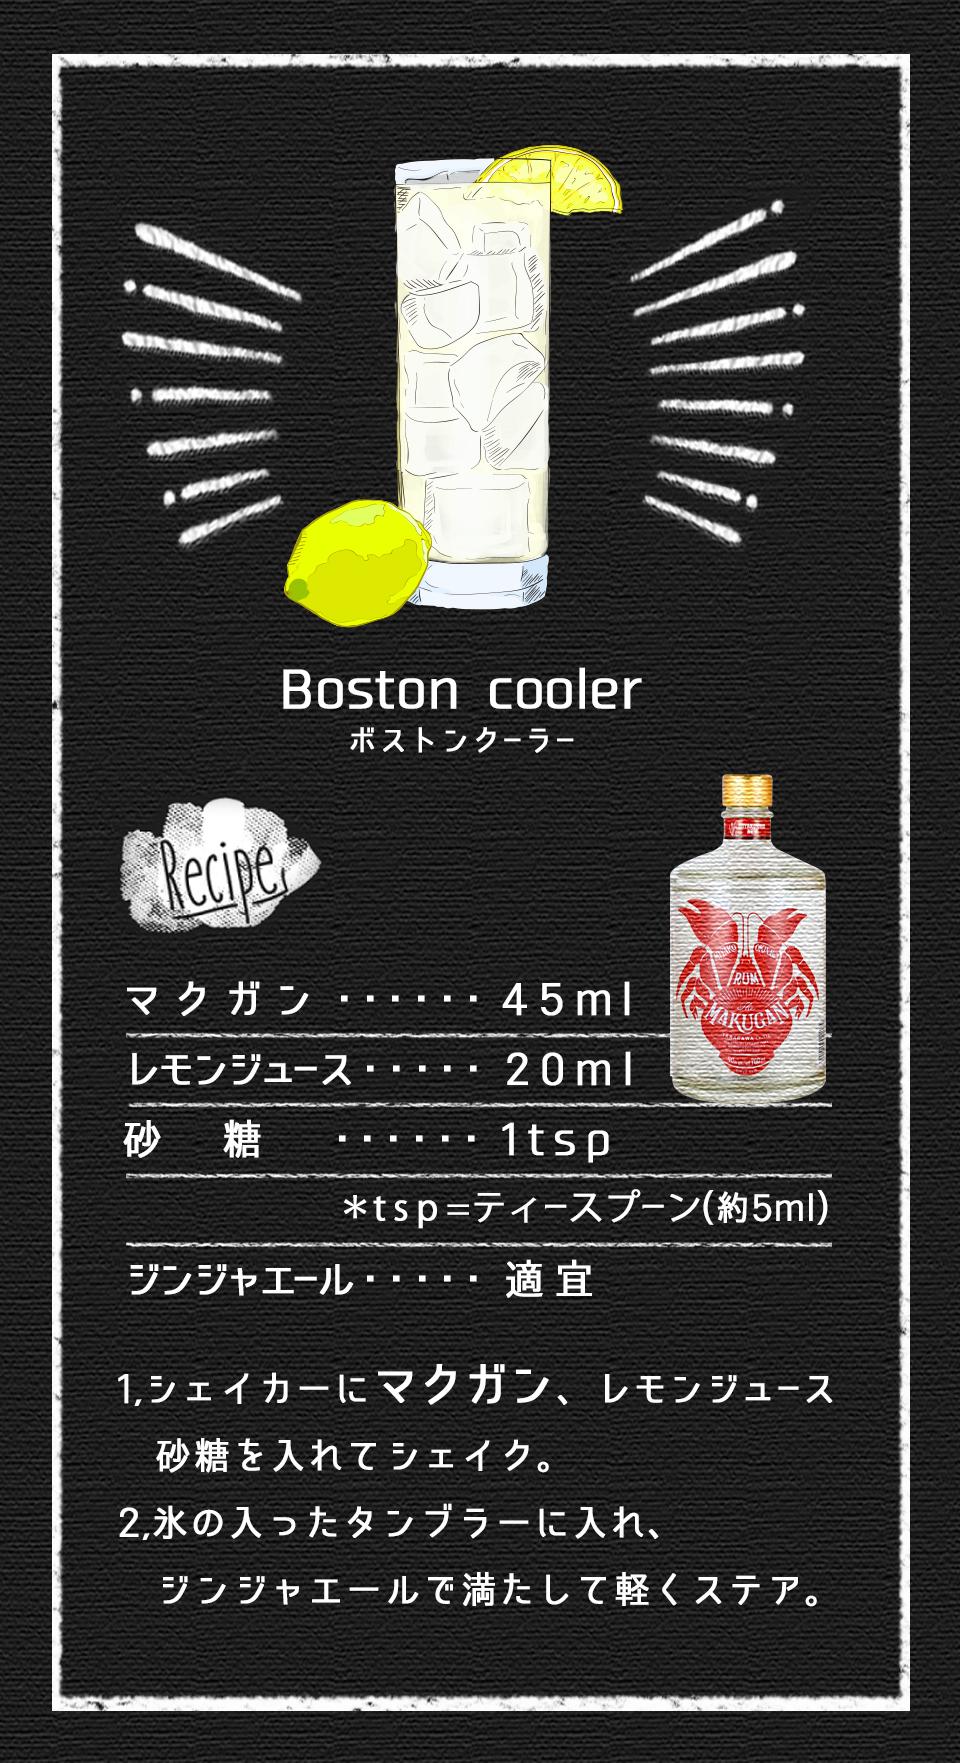 レシピ・ボストンクーラー